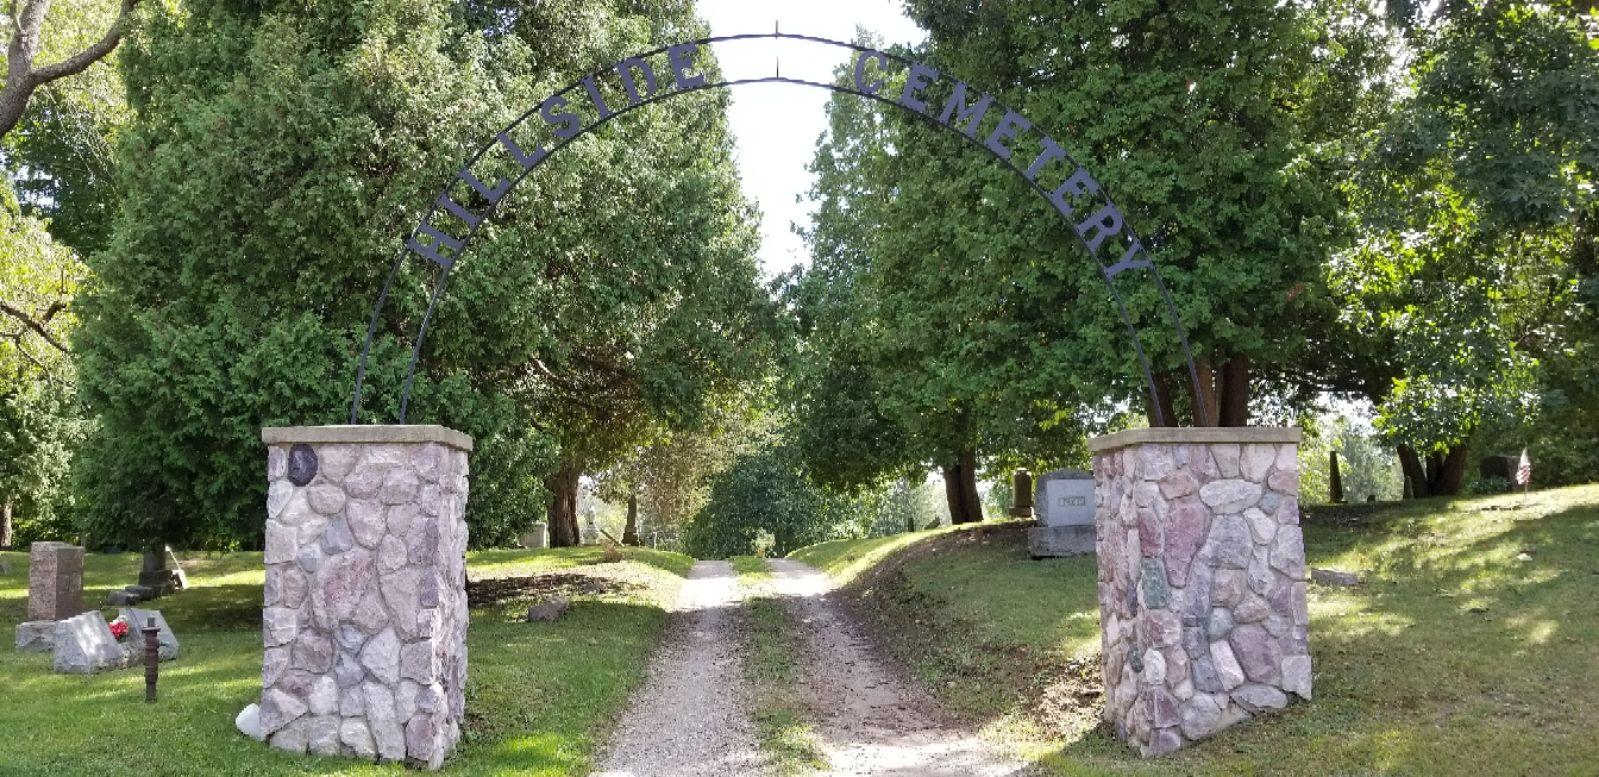 703772087697c231e859ec424436b626 - Memorial Gardens Cemetery Traverse City Mi